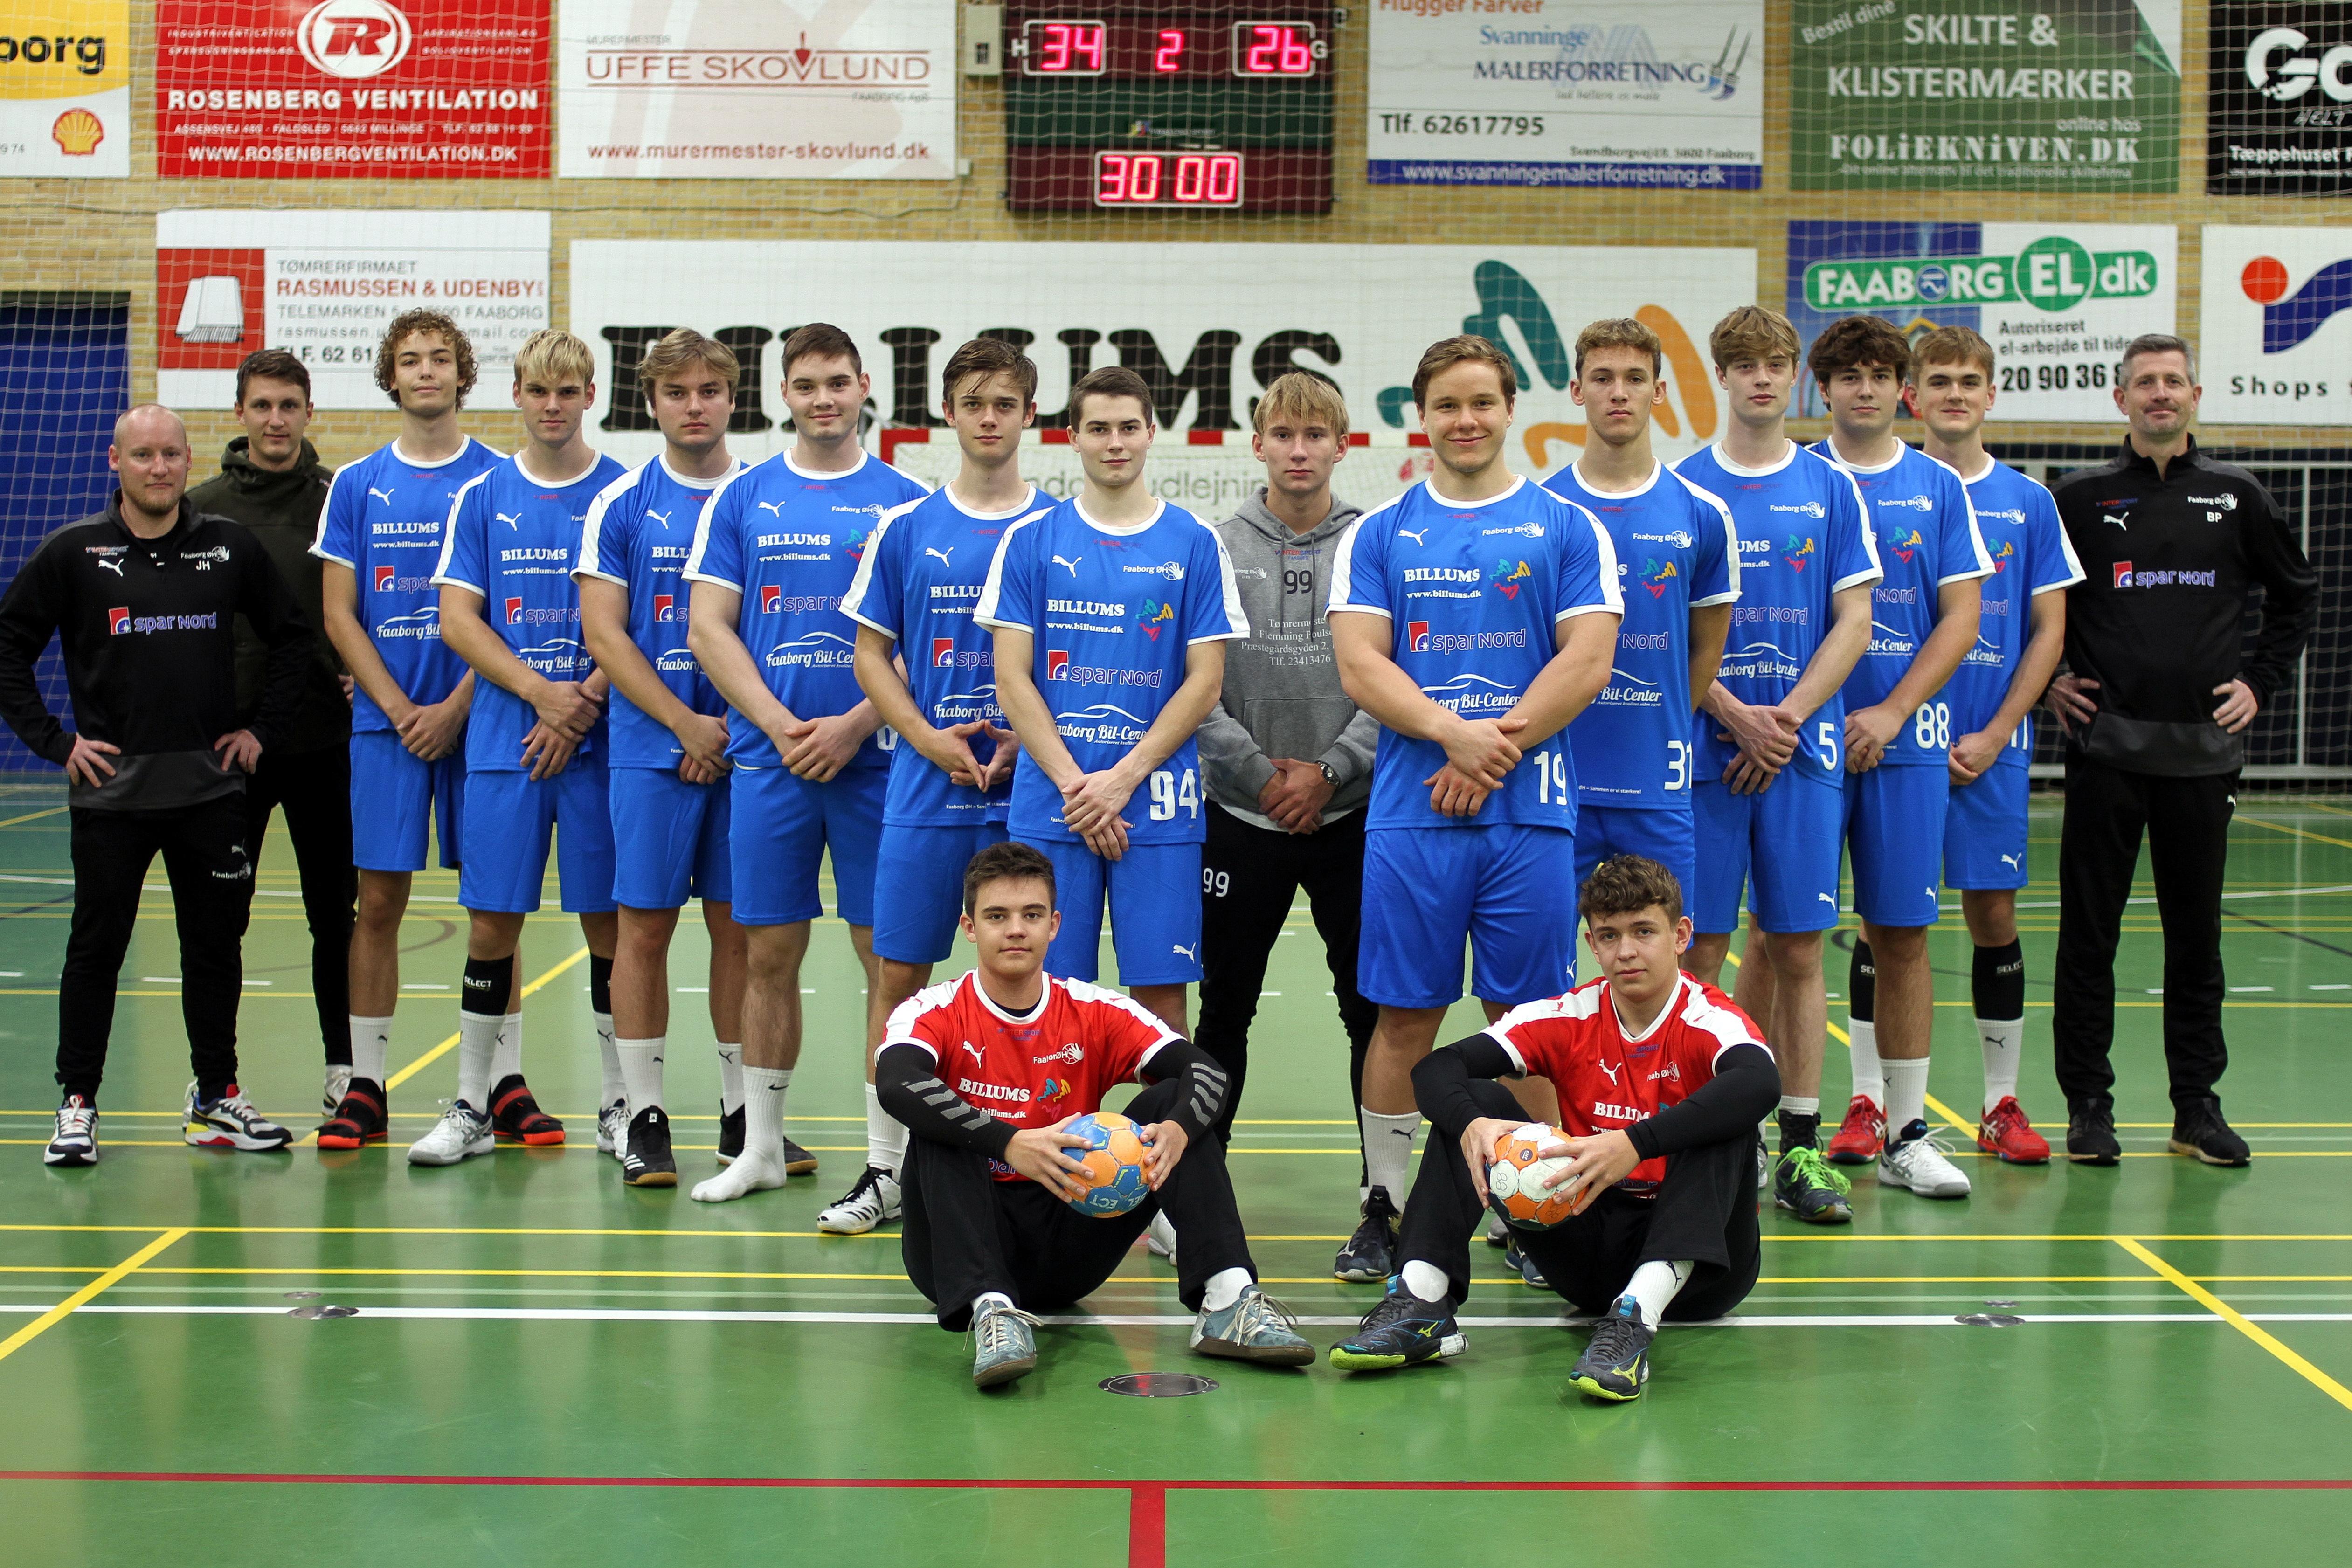 U19 drenge